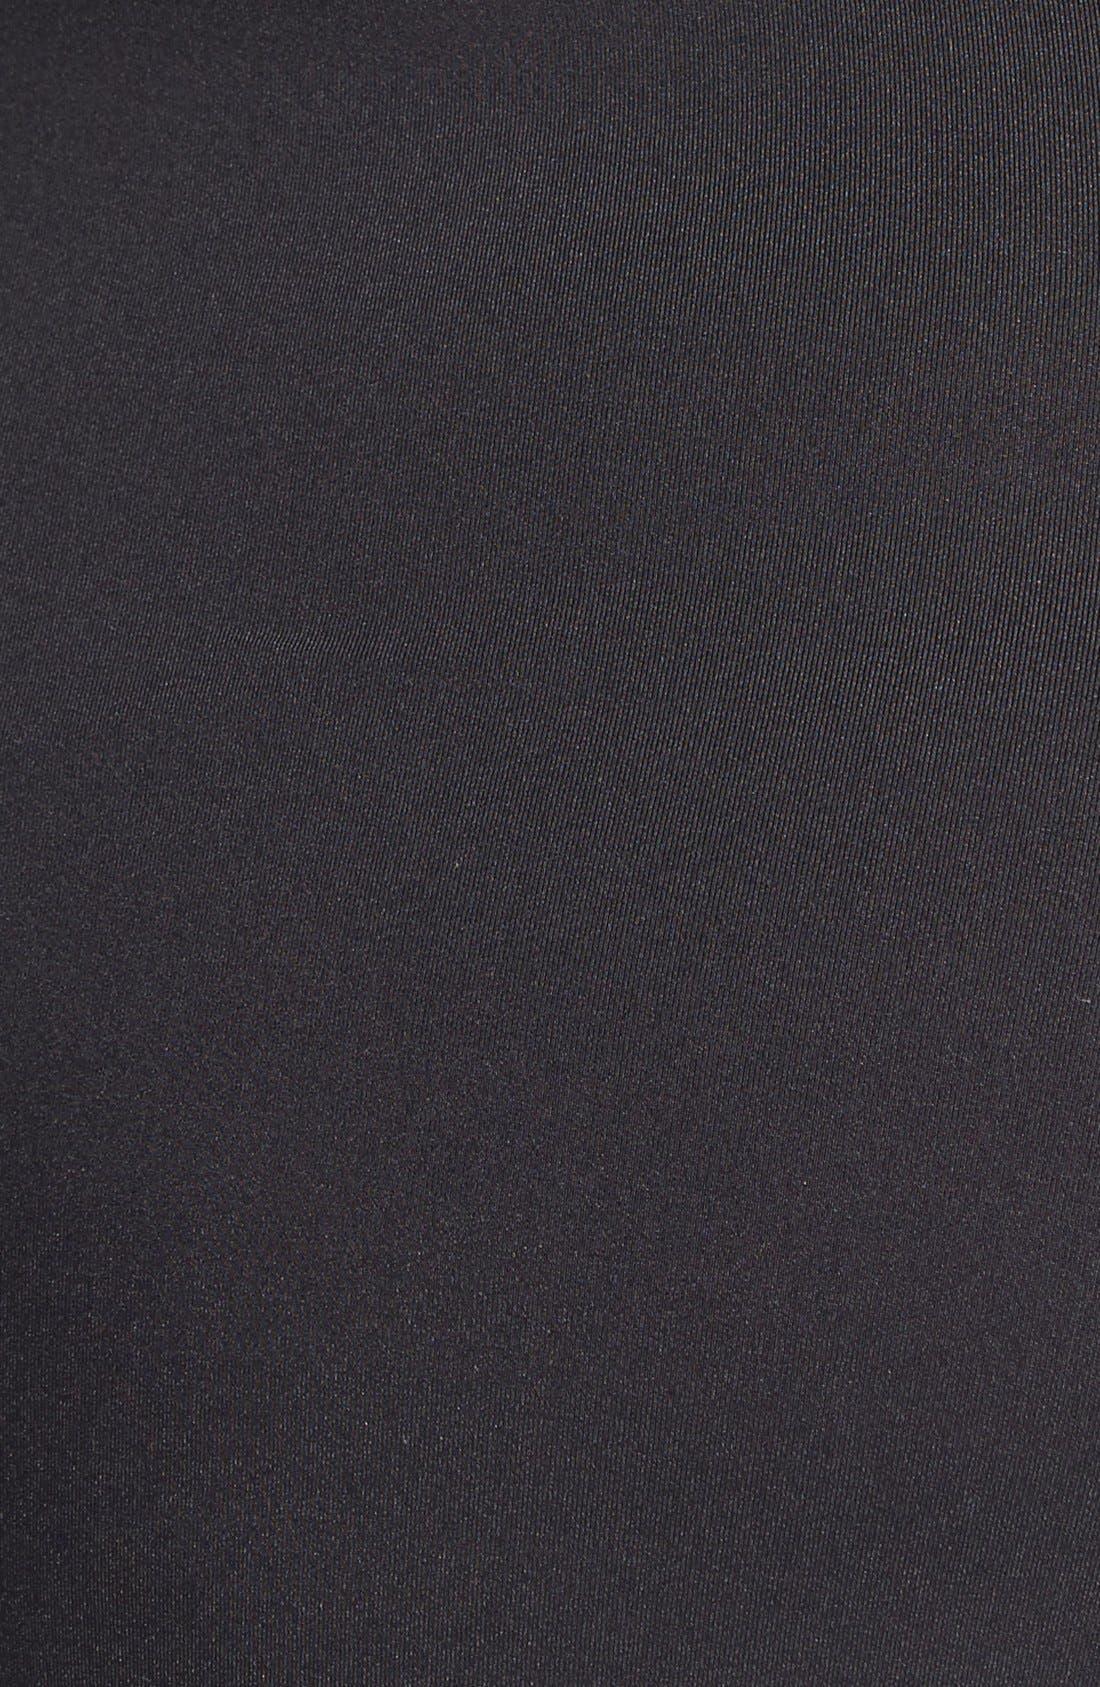 LA BLANCA, 'Core' Ruched One-Piece Swimsuit, Alternate thumbnail 2, color, 001